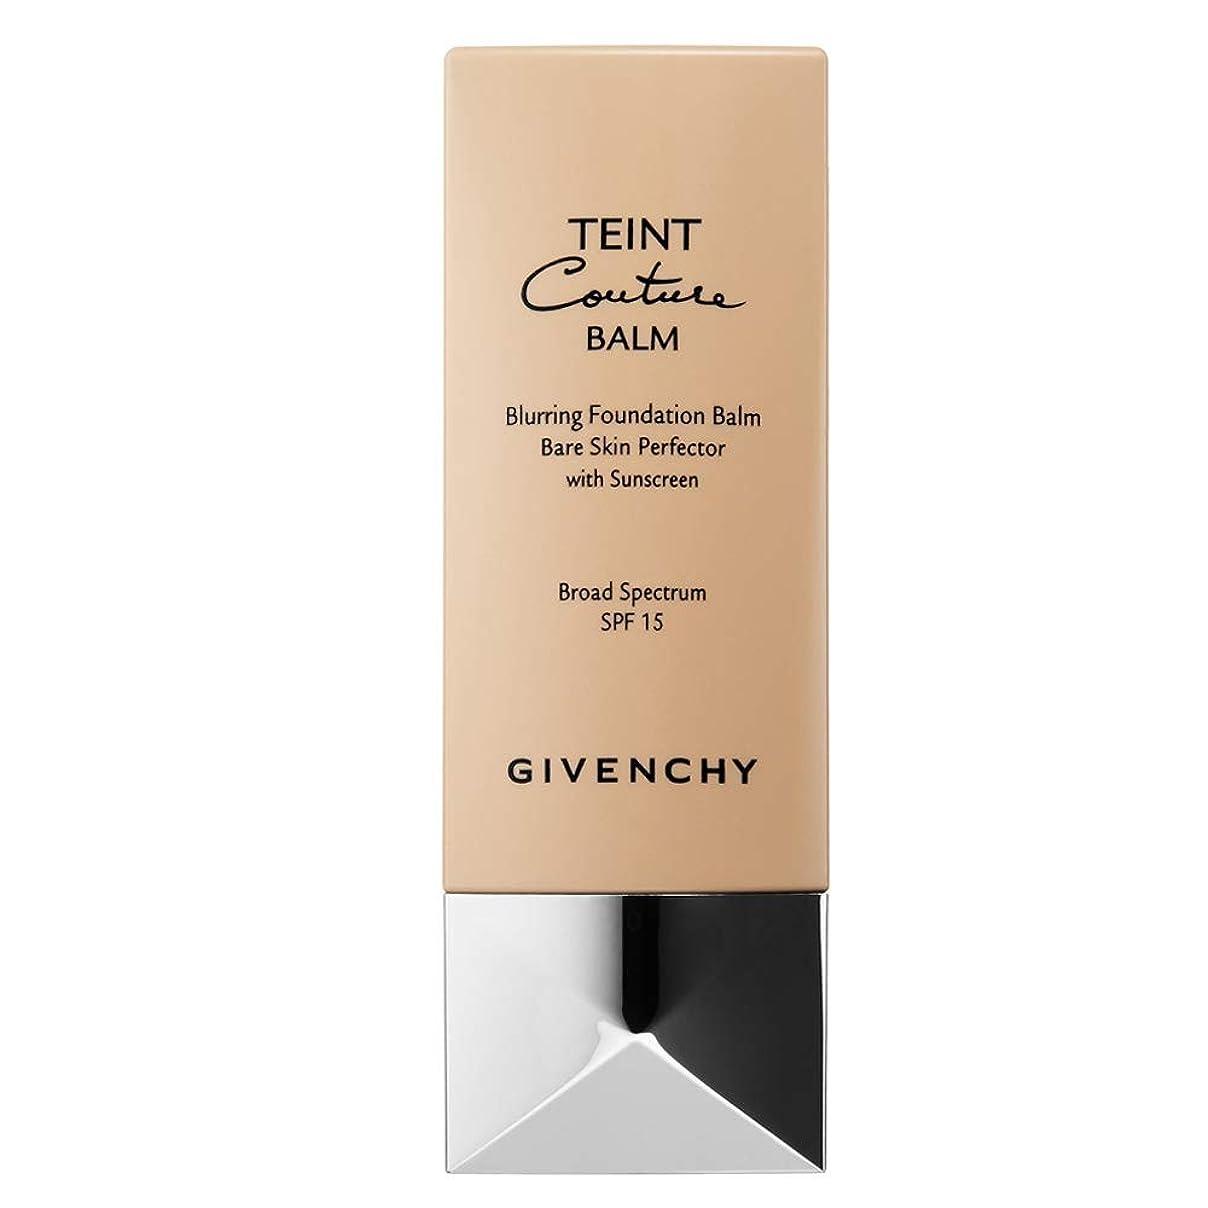 リング反乱愛国的なジバンシィ Teint Couture Blurring Foundation Balm SPF 15 - # 1 Nude Porcelain 30ml/1oz並行輸入品